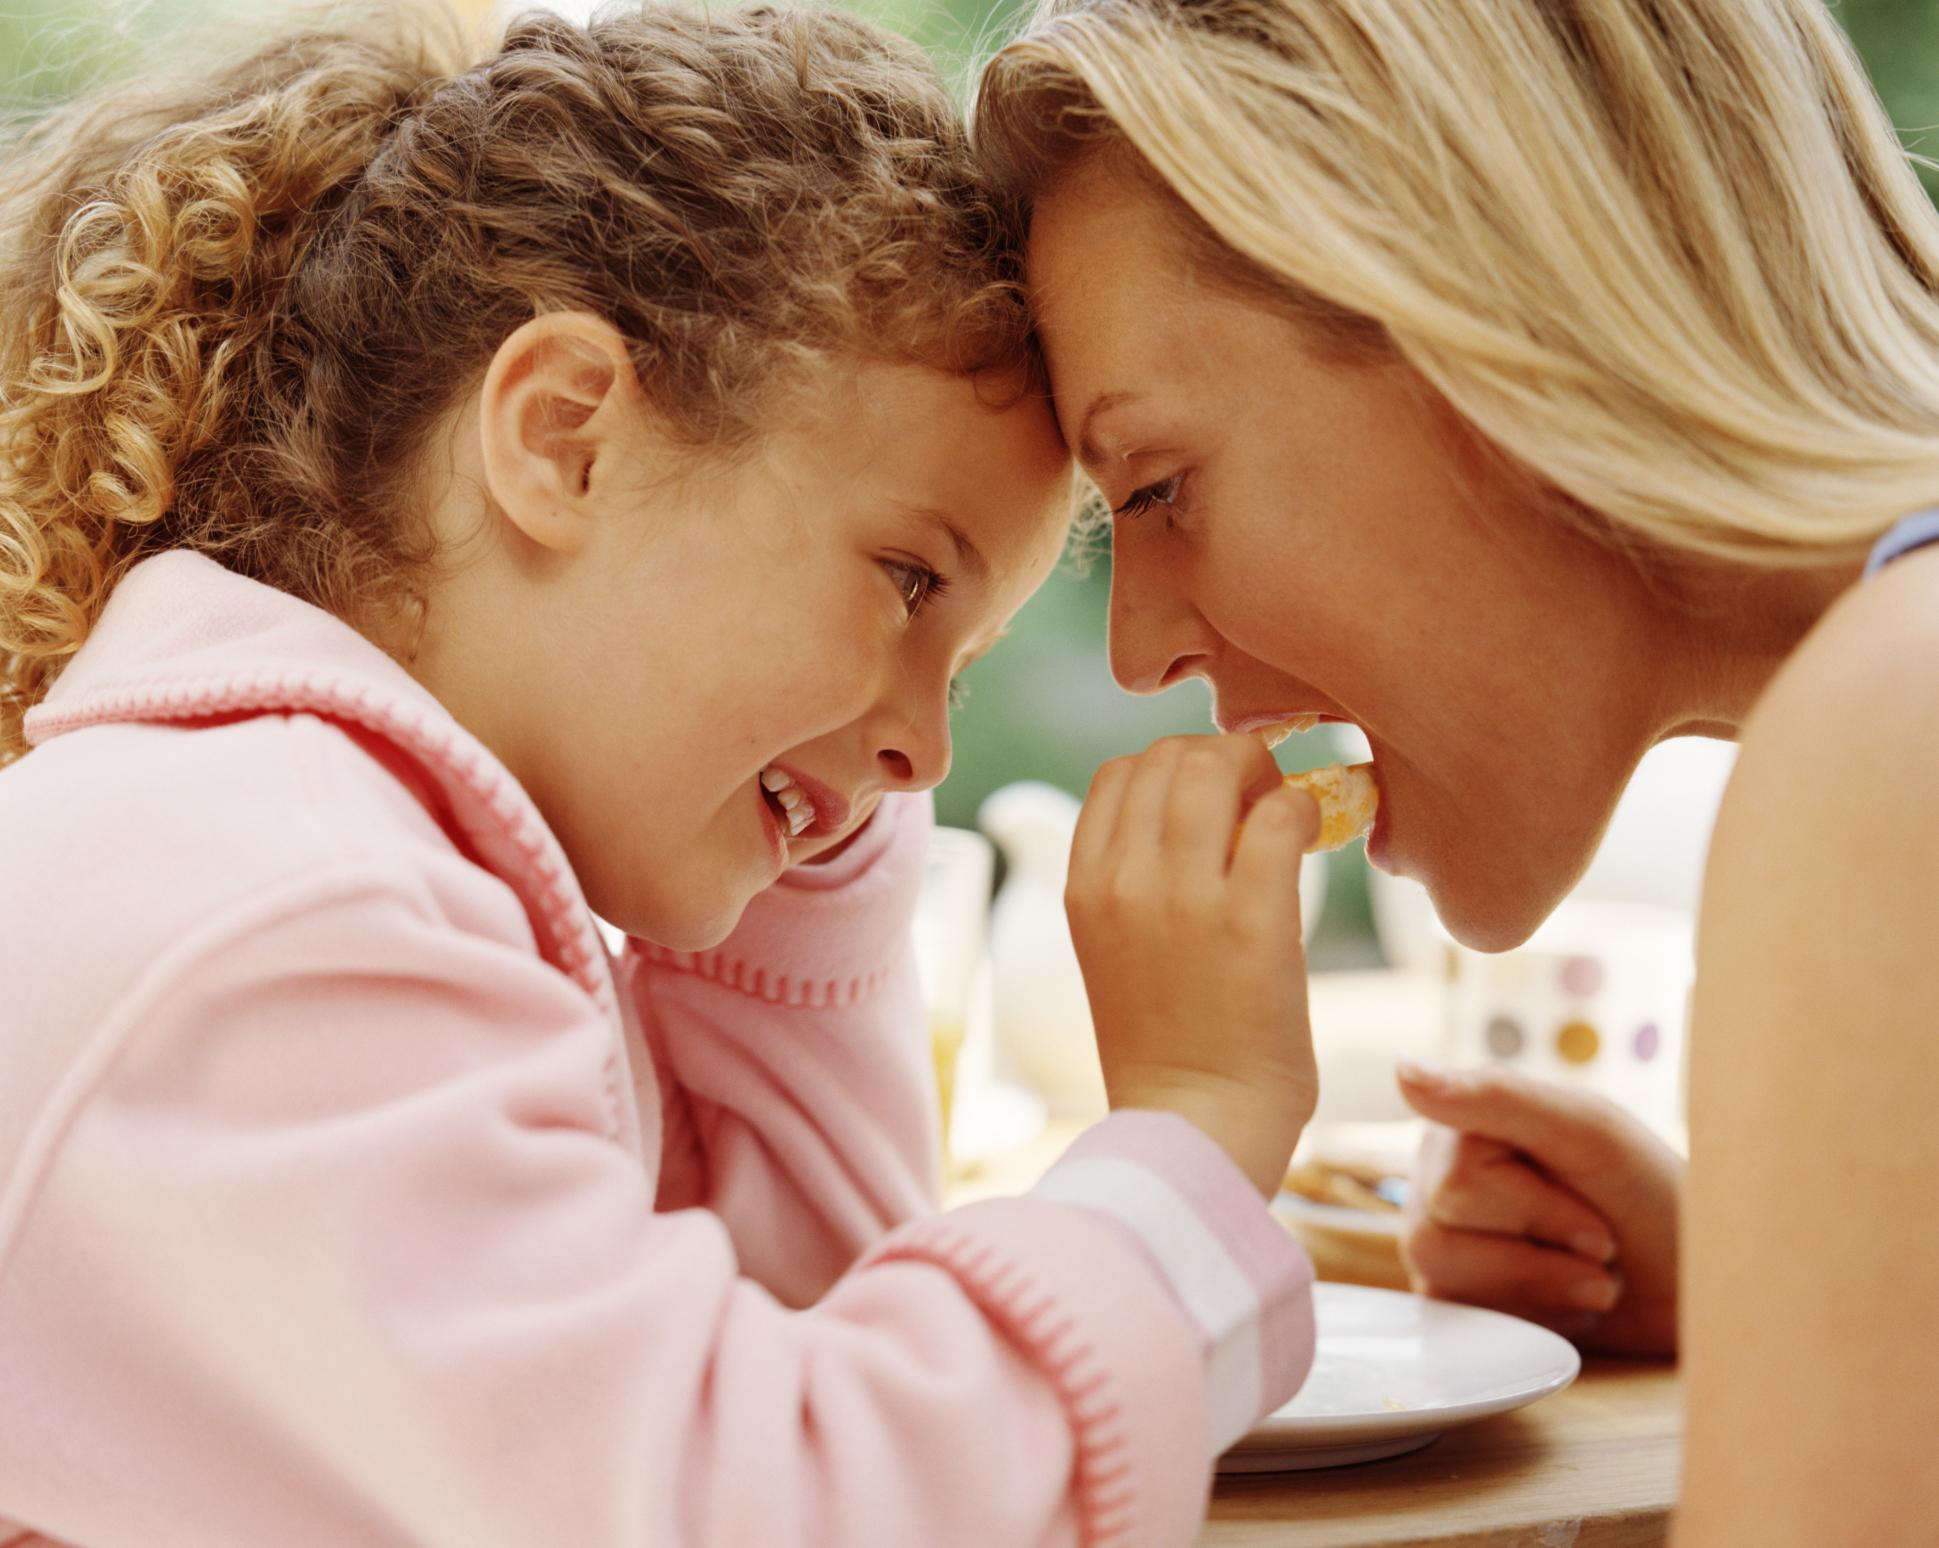 Хранете се с други хора, а не сами. Проучване на американско здравно списание за хранене показва, че хората, които се хранят сами и гледат телевизия или се ровят в телефона си са по-склонни да похапват повече. Проучването сочи, че хората, които се хранят с други са склонни да изяждат повече зеленчуци, отколкото сами.